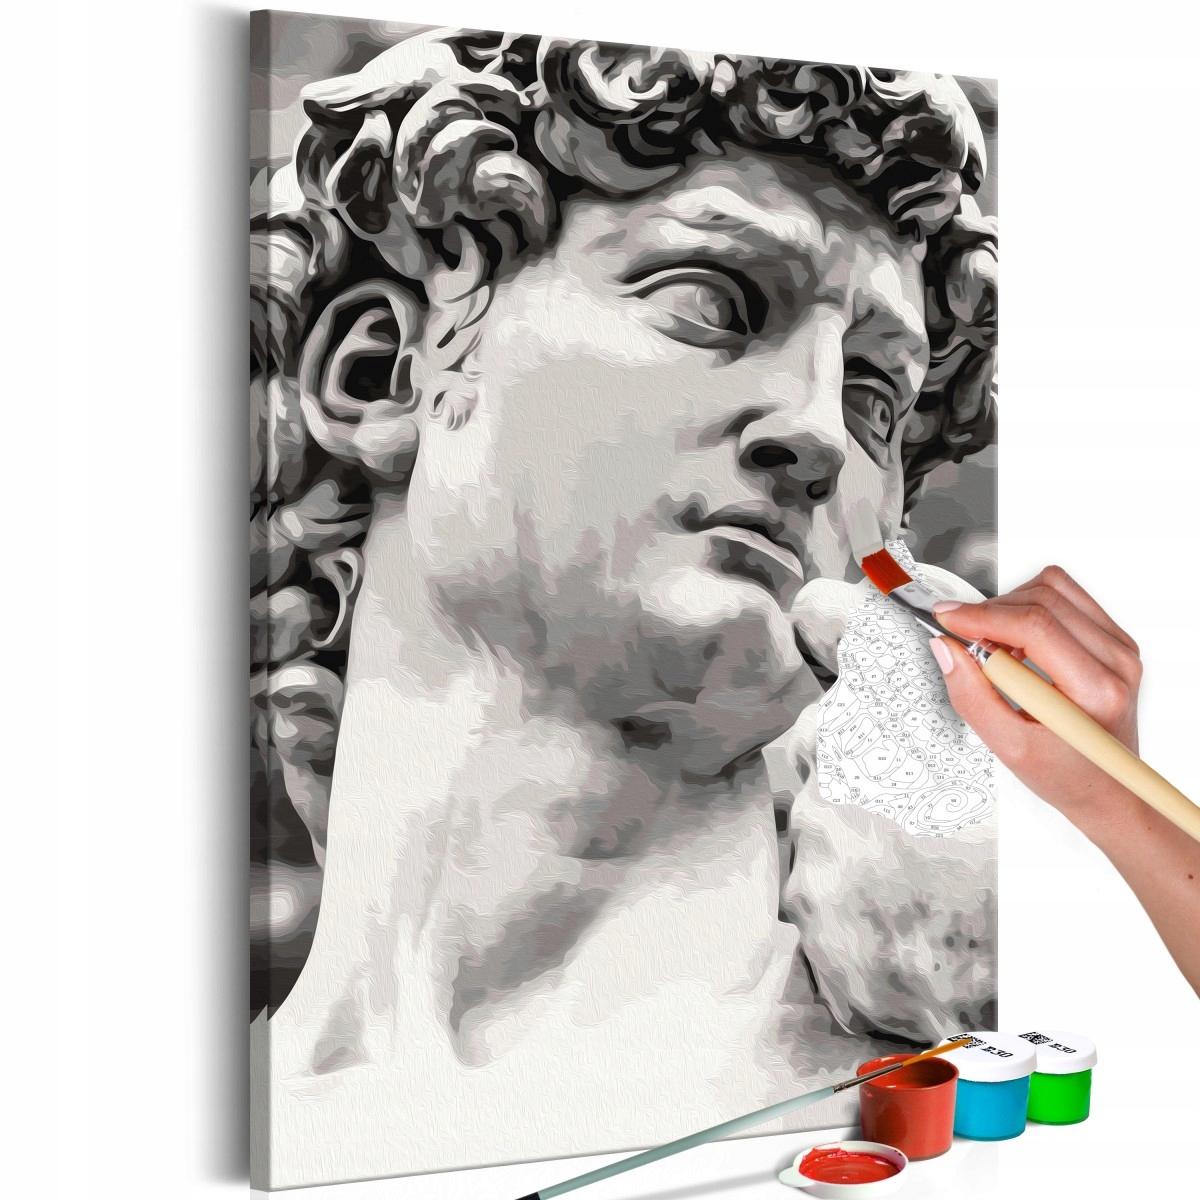 Obraz do samodzielnego malowania - Rzeźba (Rozmiar